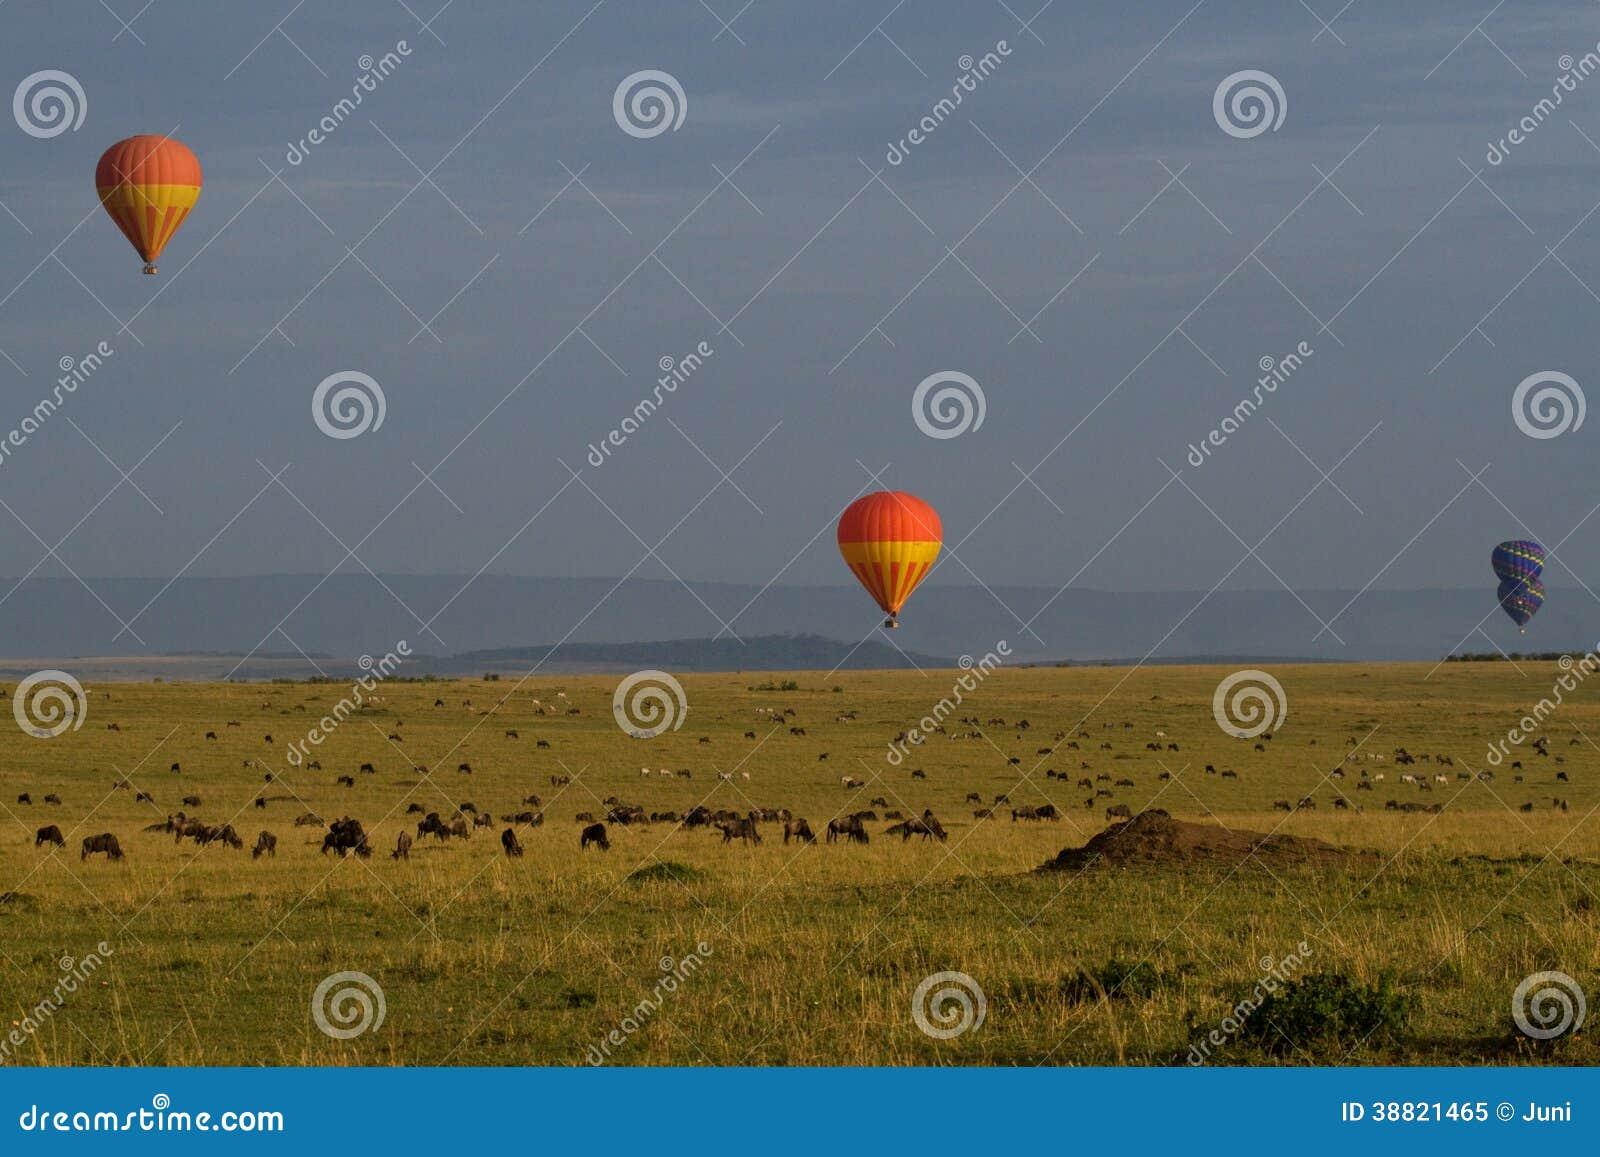 Μπαλόνια ζεστού αέρα πέρα από τις ατελείωτες πεδιάδες